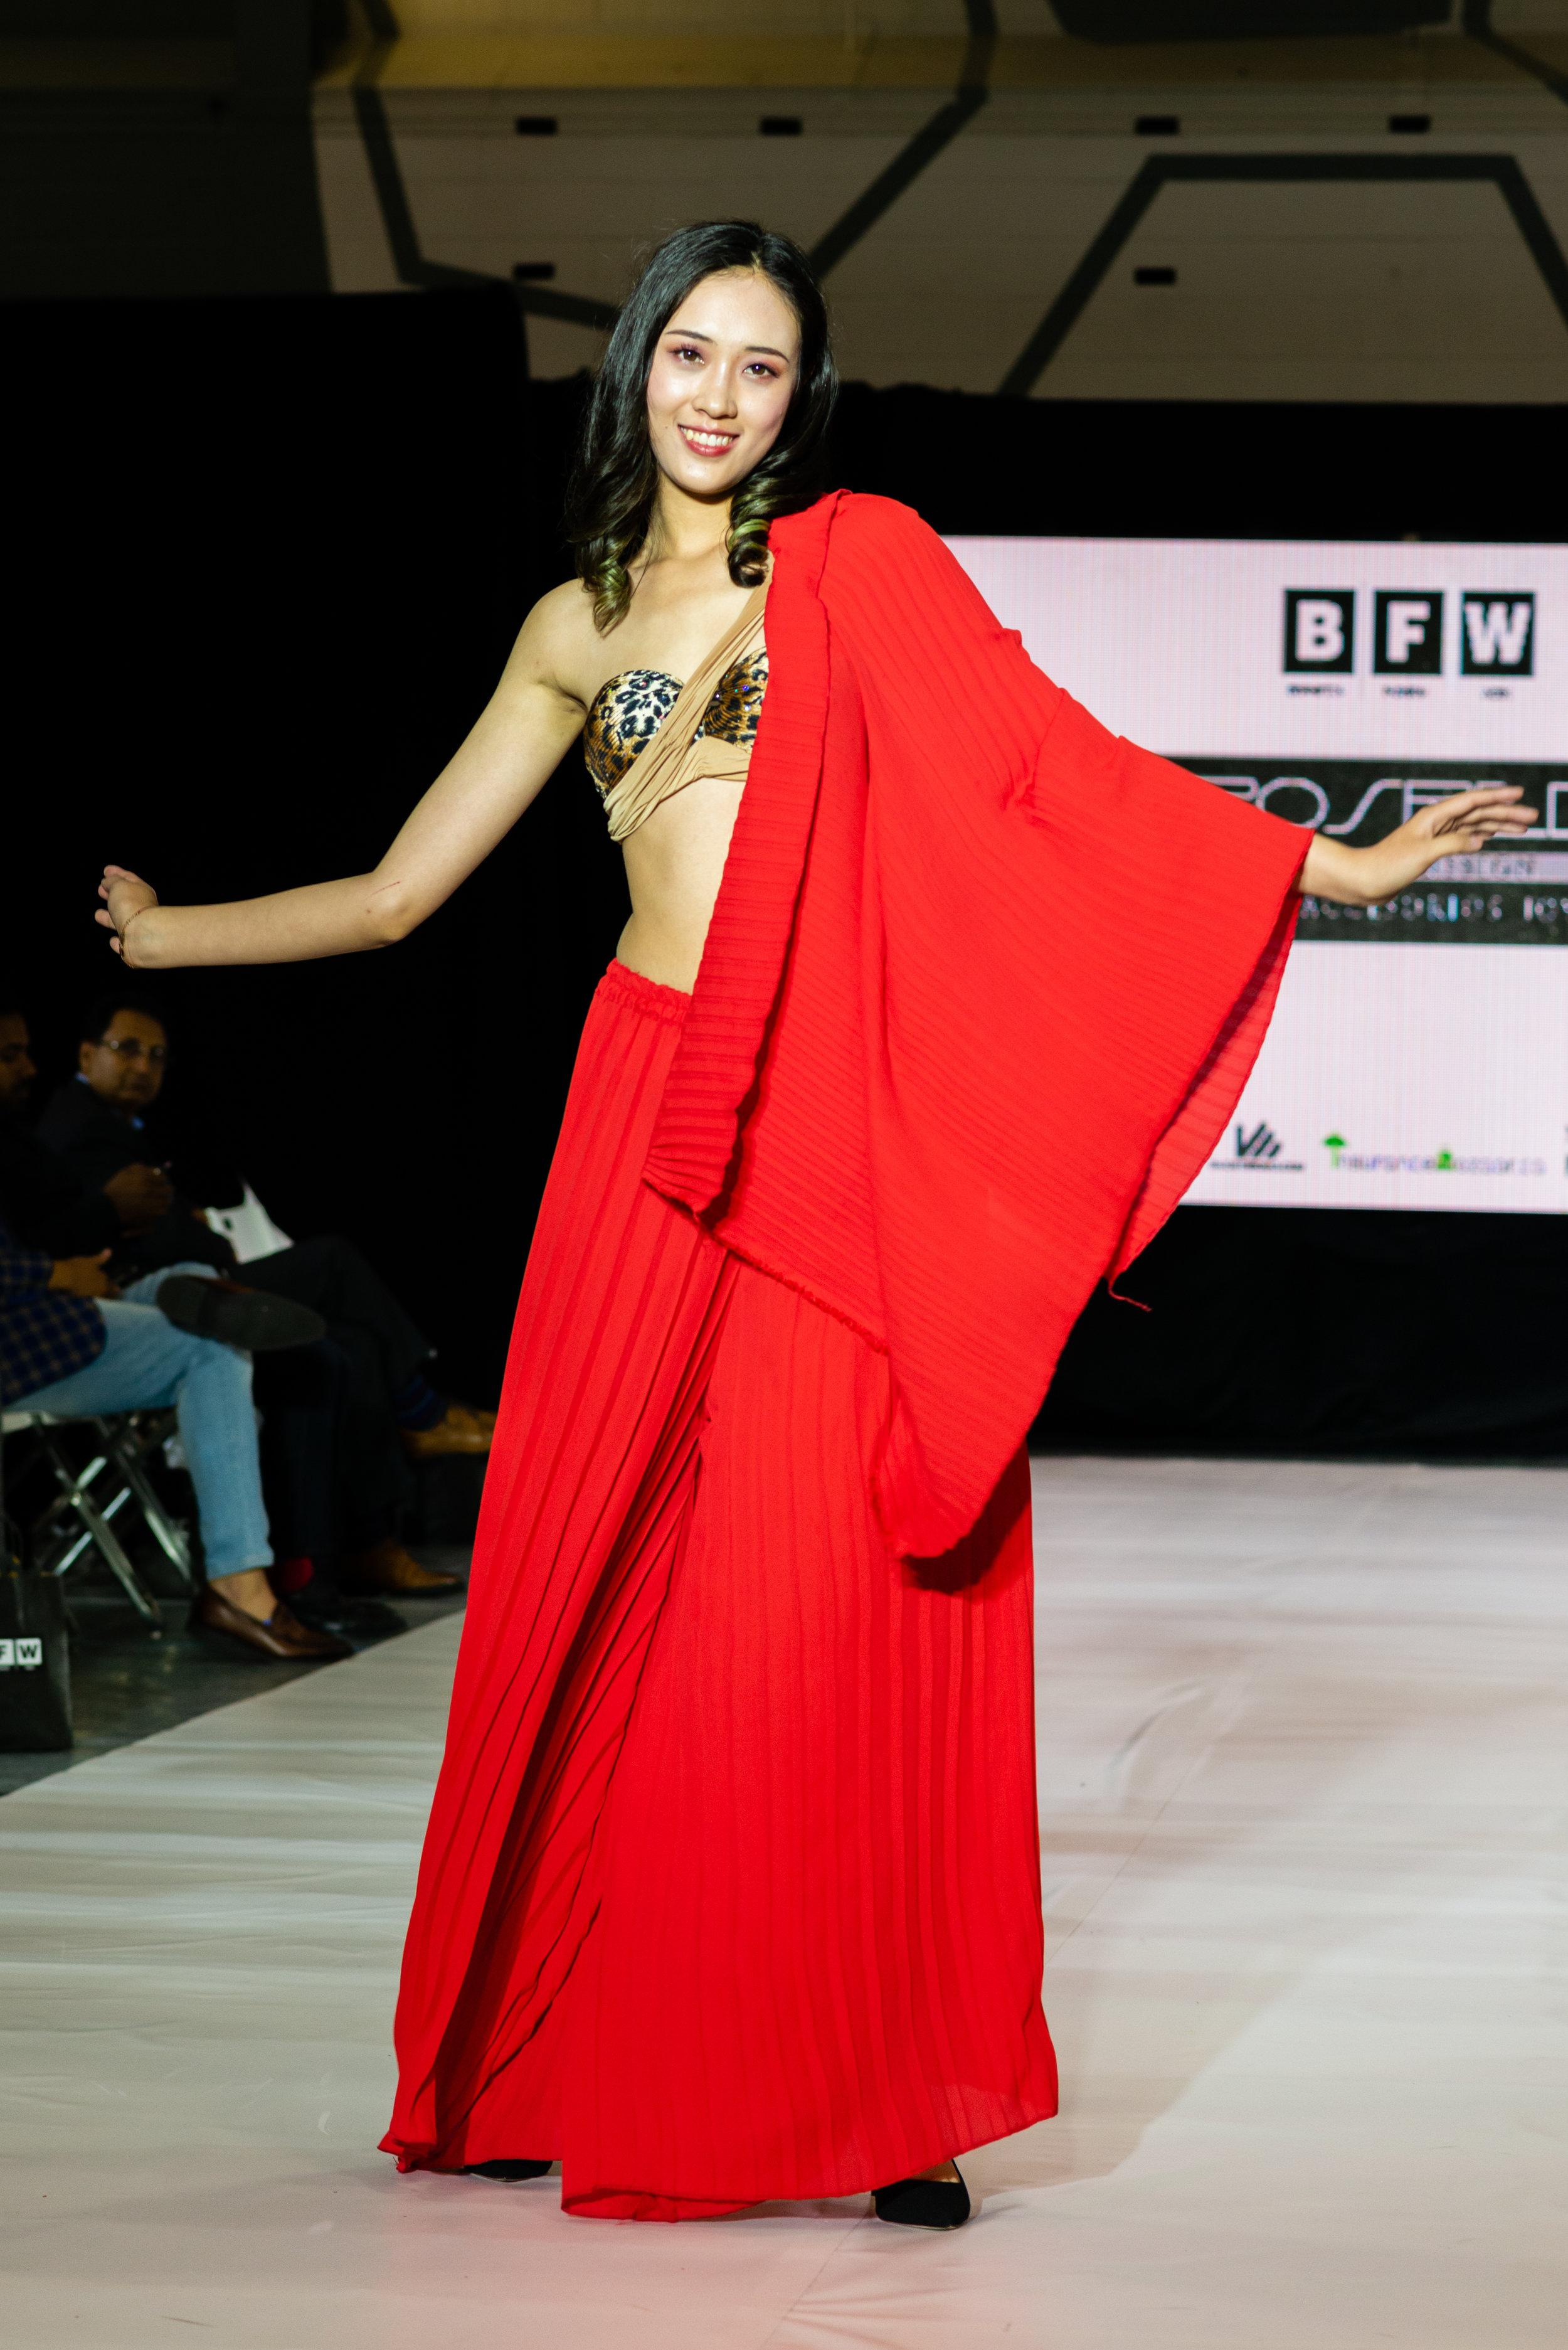 BFW10 - Rosred Fashion Design-D8A_2191.jpg